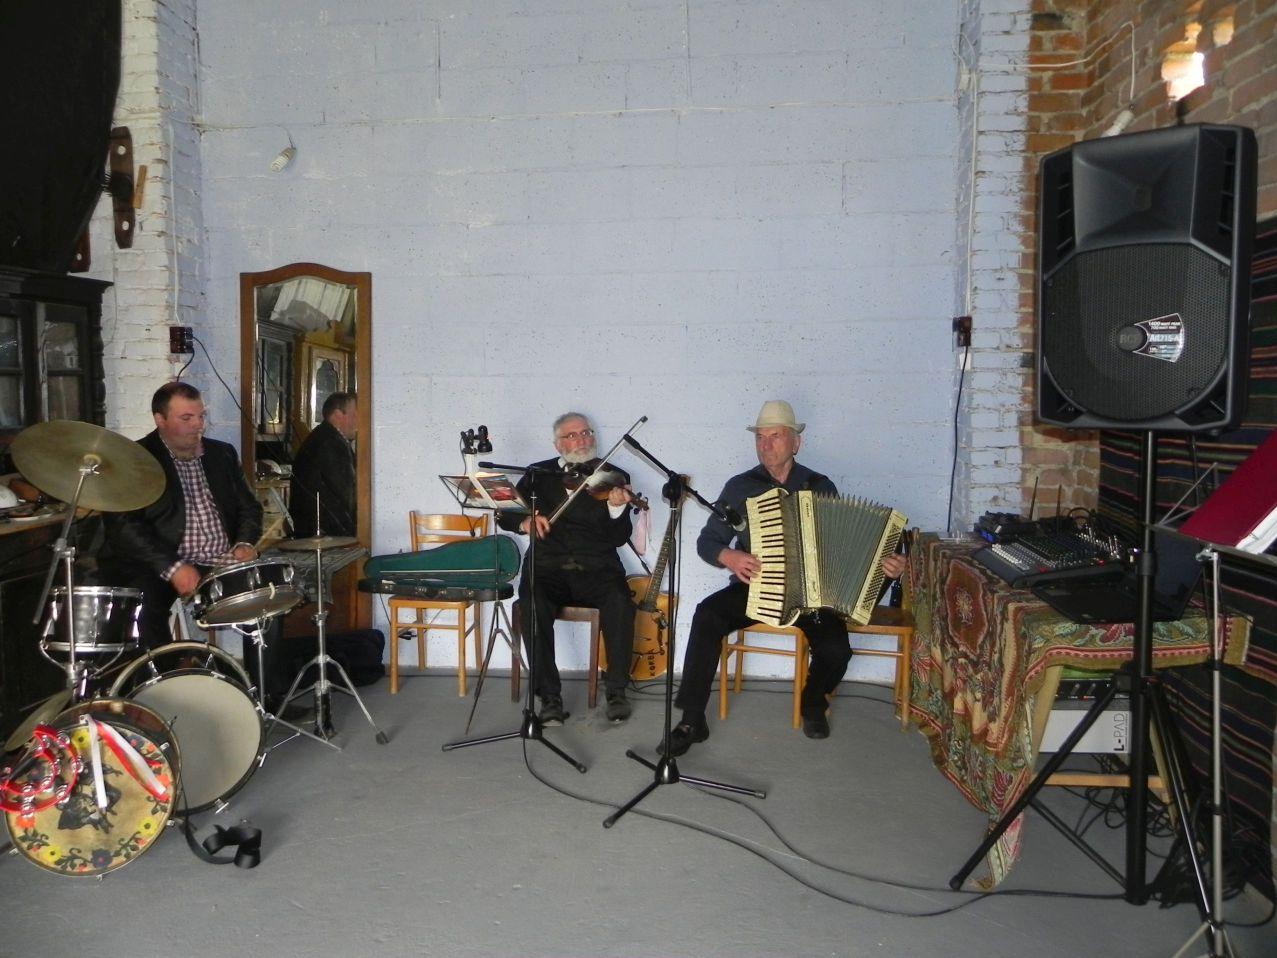 2016-05-01 Sierzchowy - Potańcówka (4)